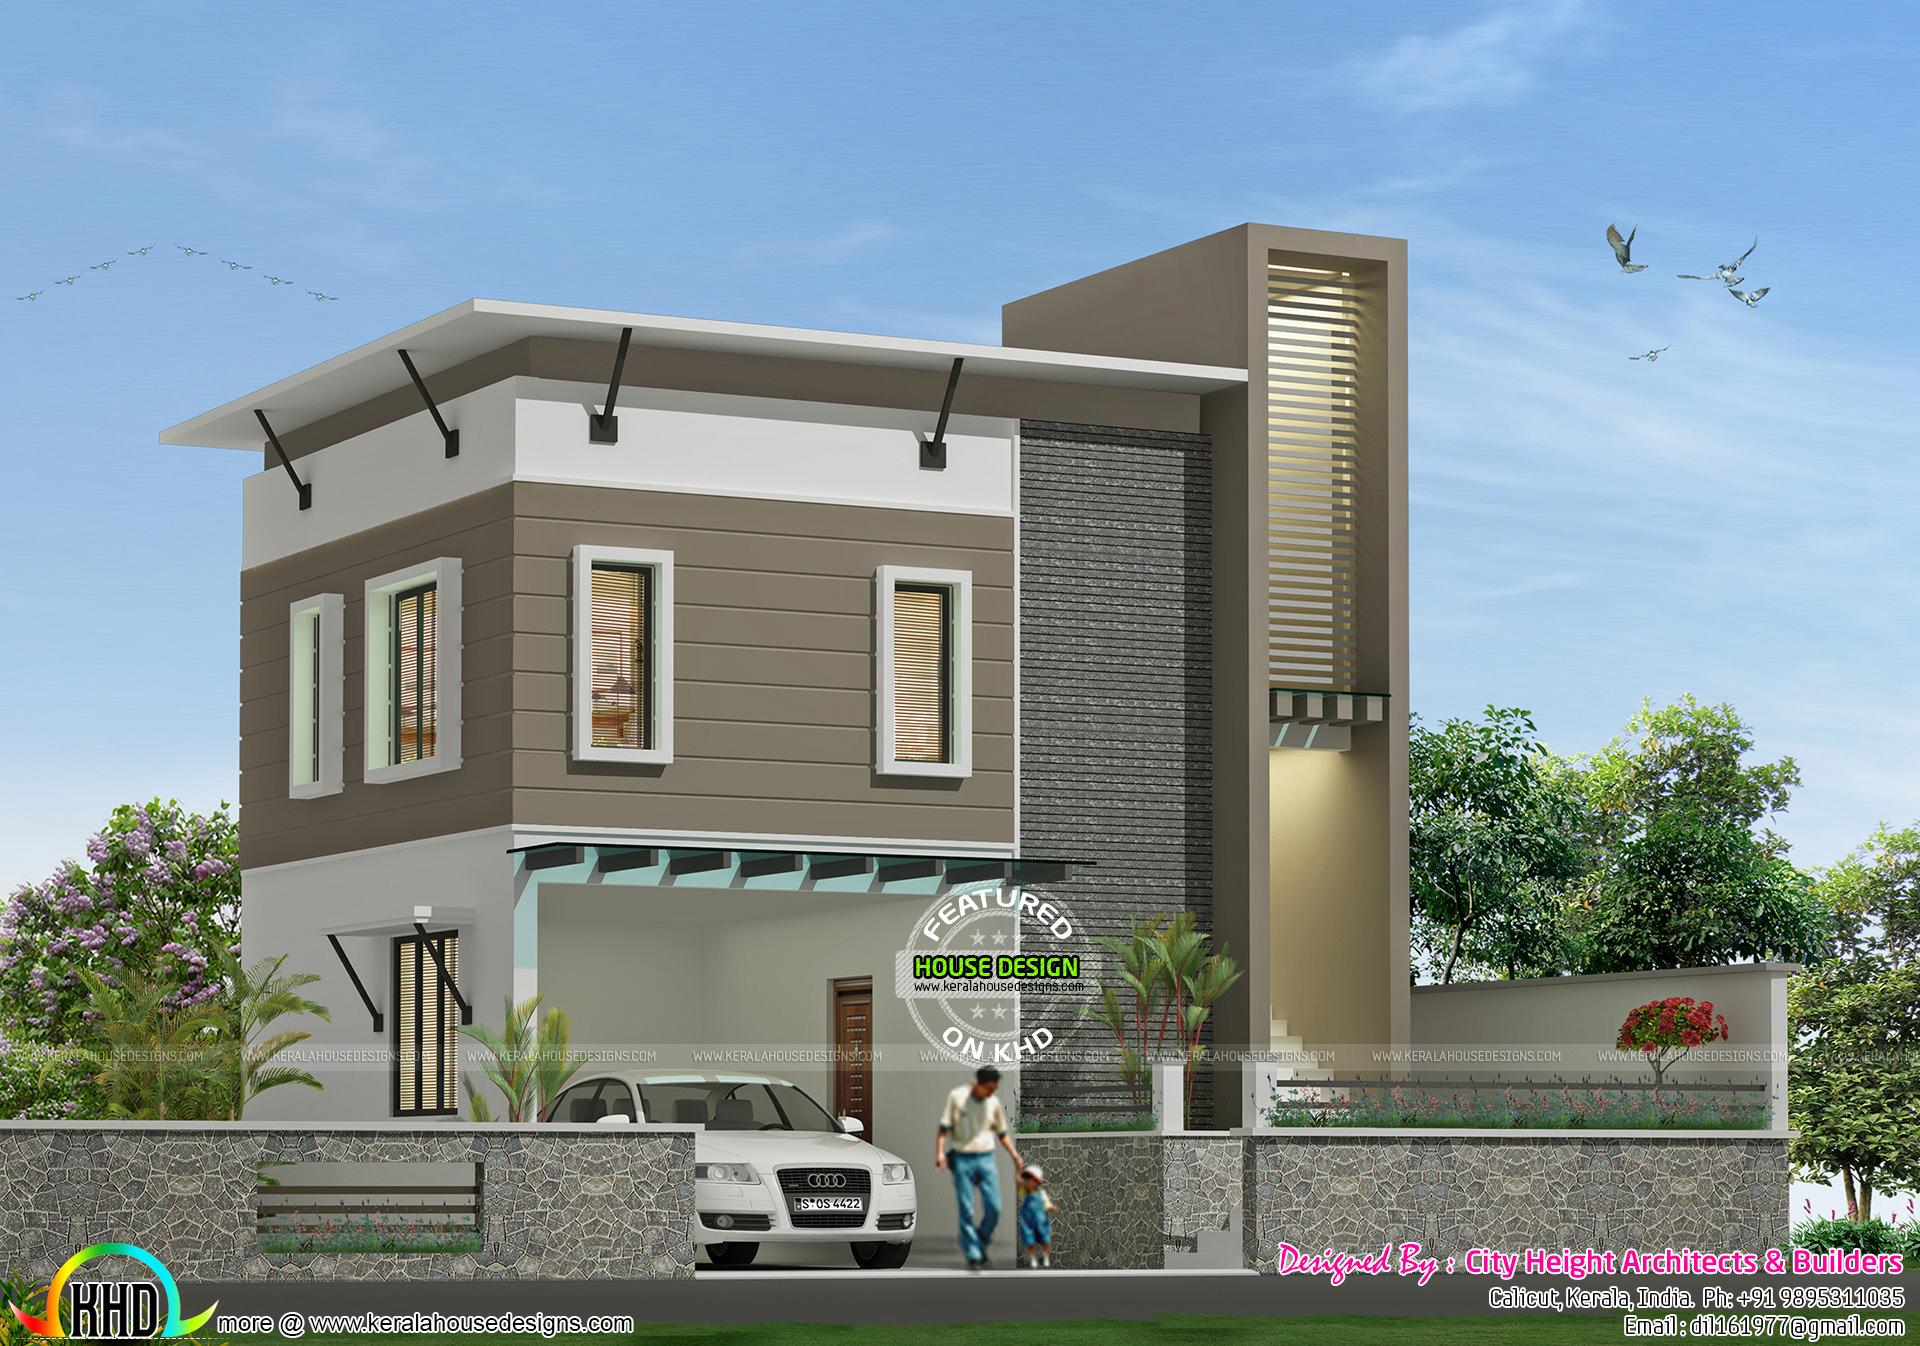 Box model house design